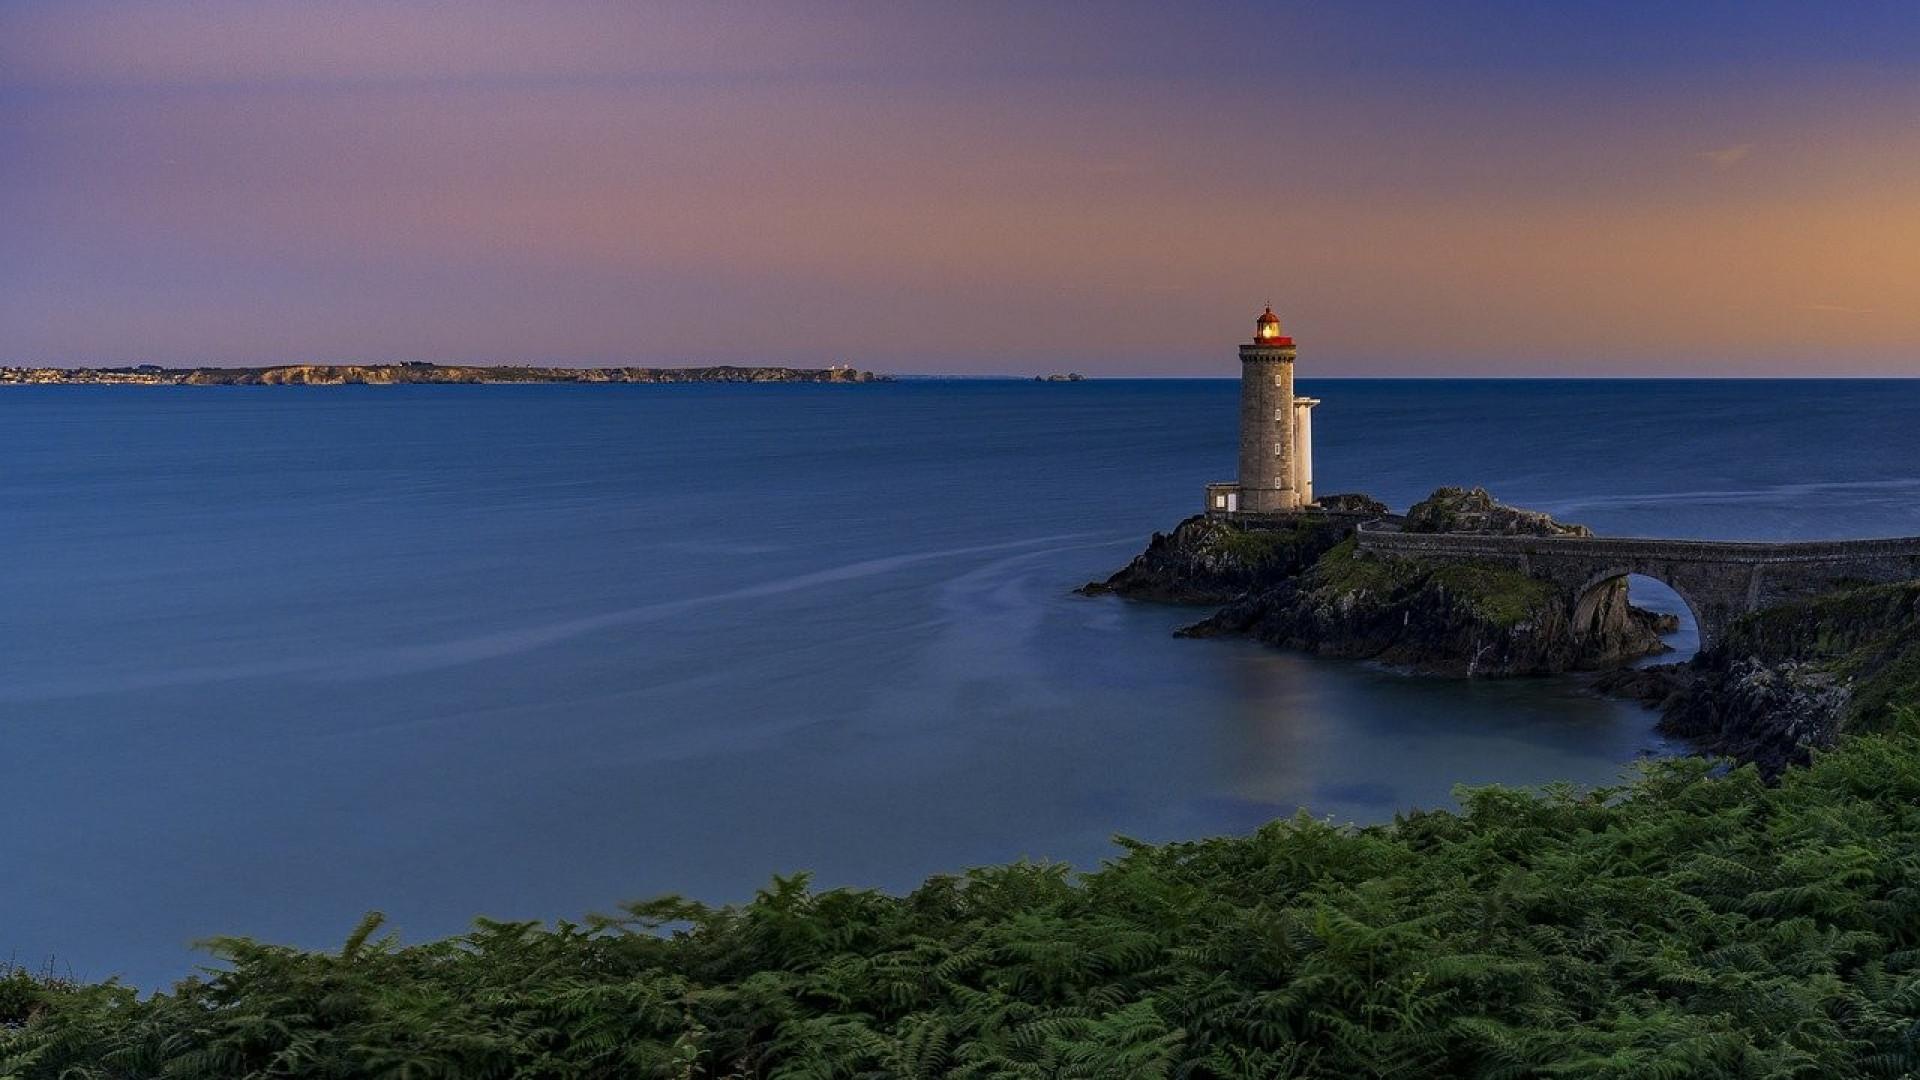 Tourisme : Morlaix, une ville à découvrir au cœur du Finistère